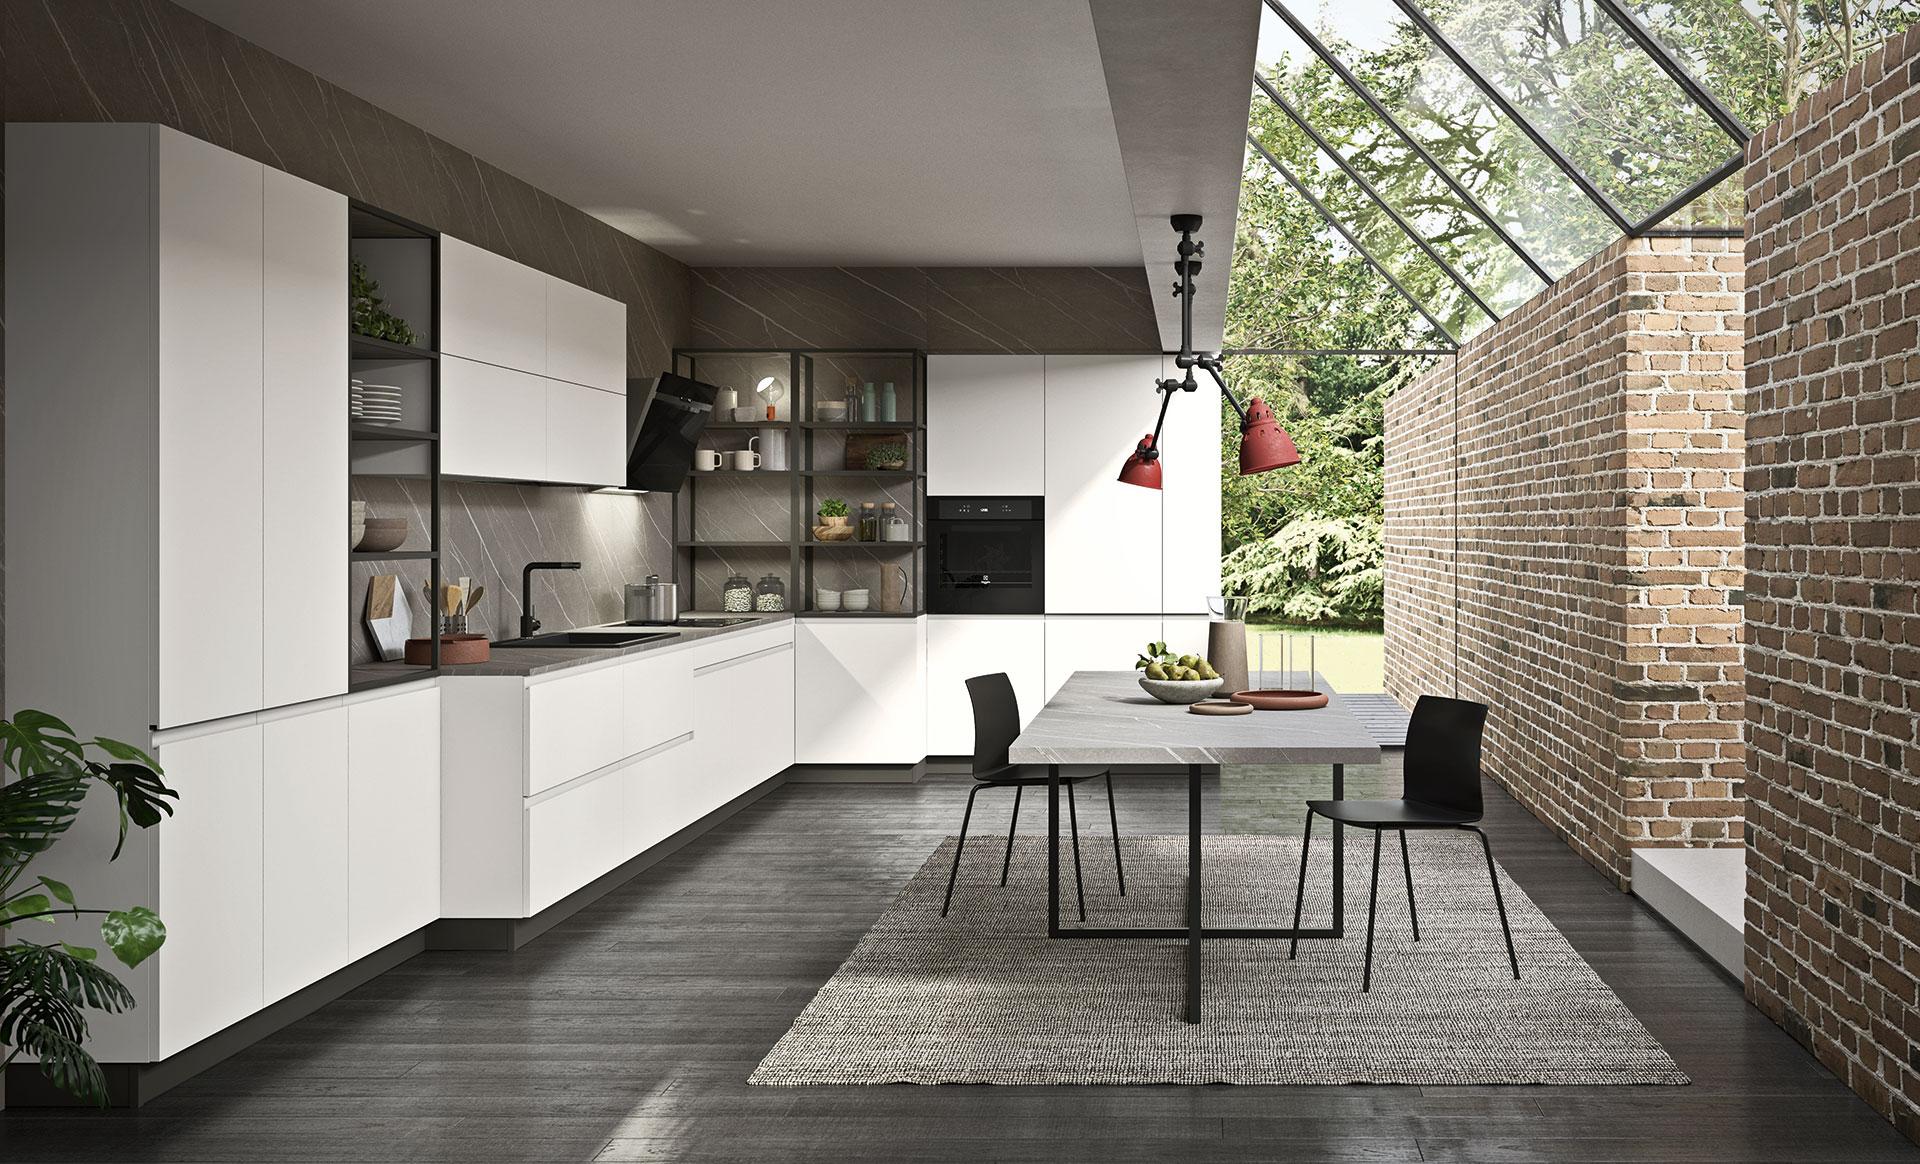 Un design originale per le cucine moderne antares - Cucine compatte ikea ...